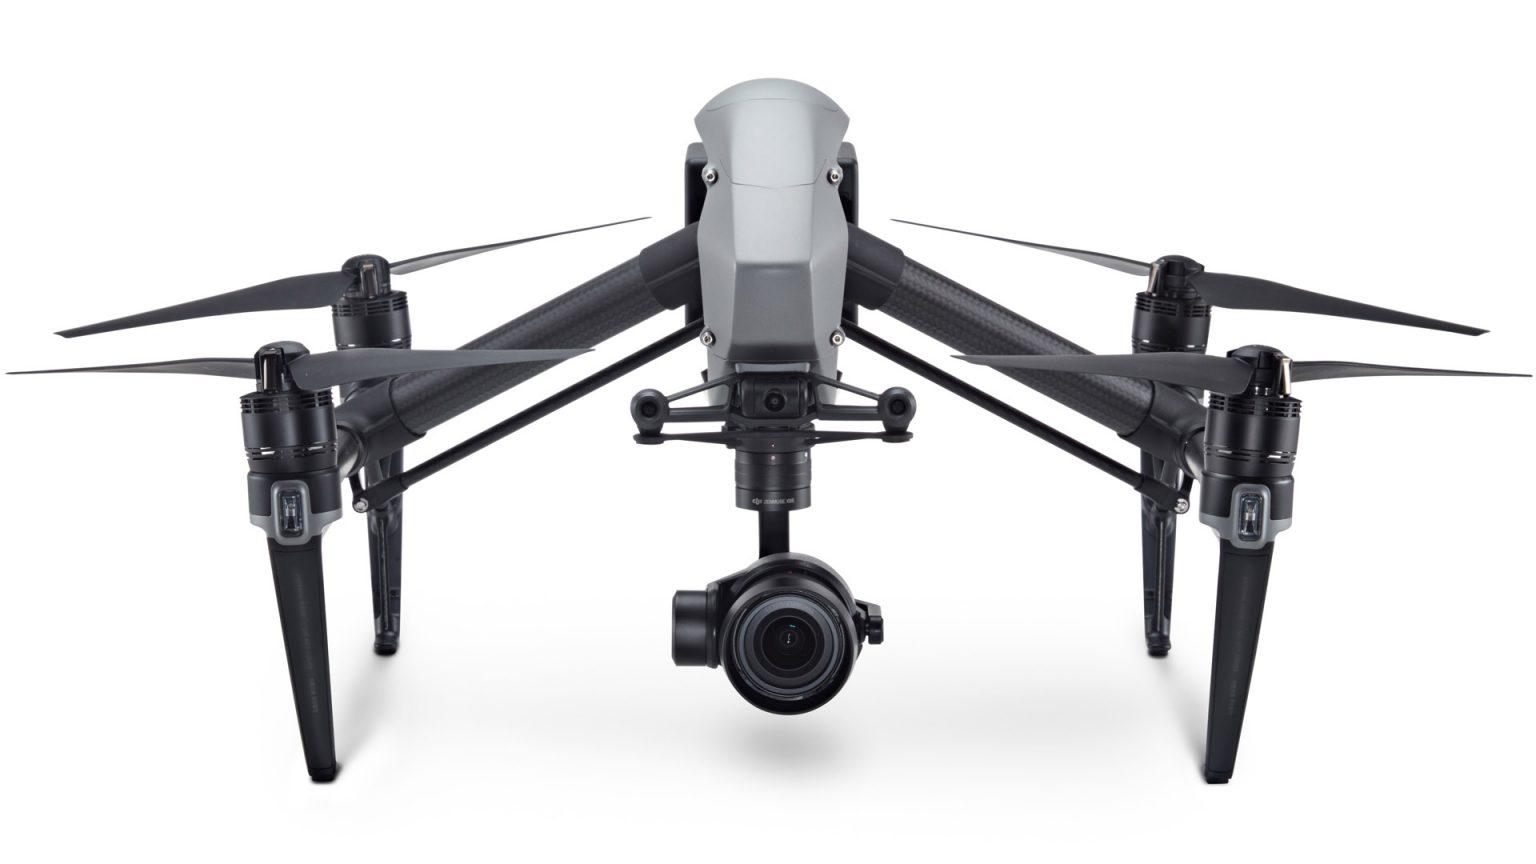 mringalss-films-inspire-2-inspire2-pierre-frechou-drone-prises-de-vues-aeriennes-pays-basque-anglet